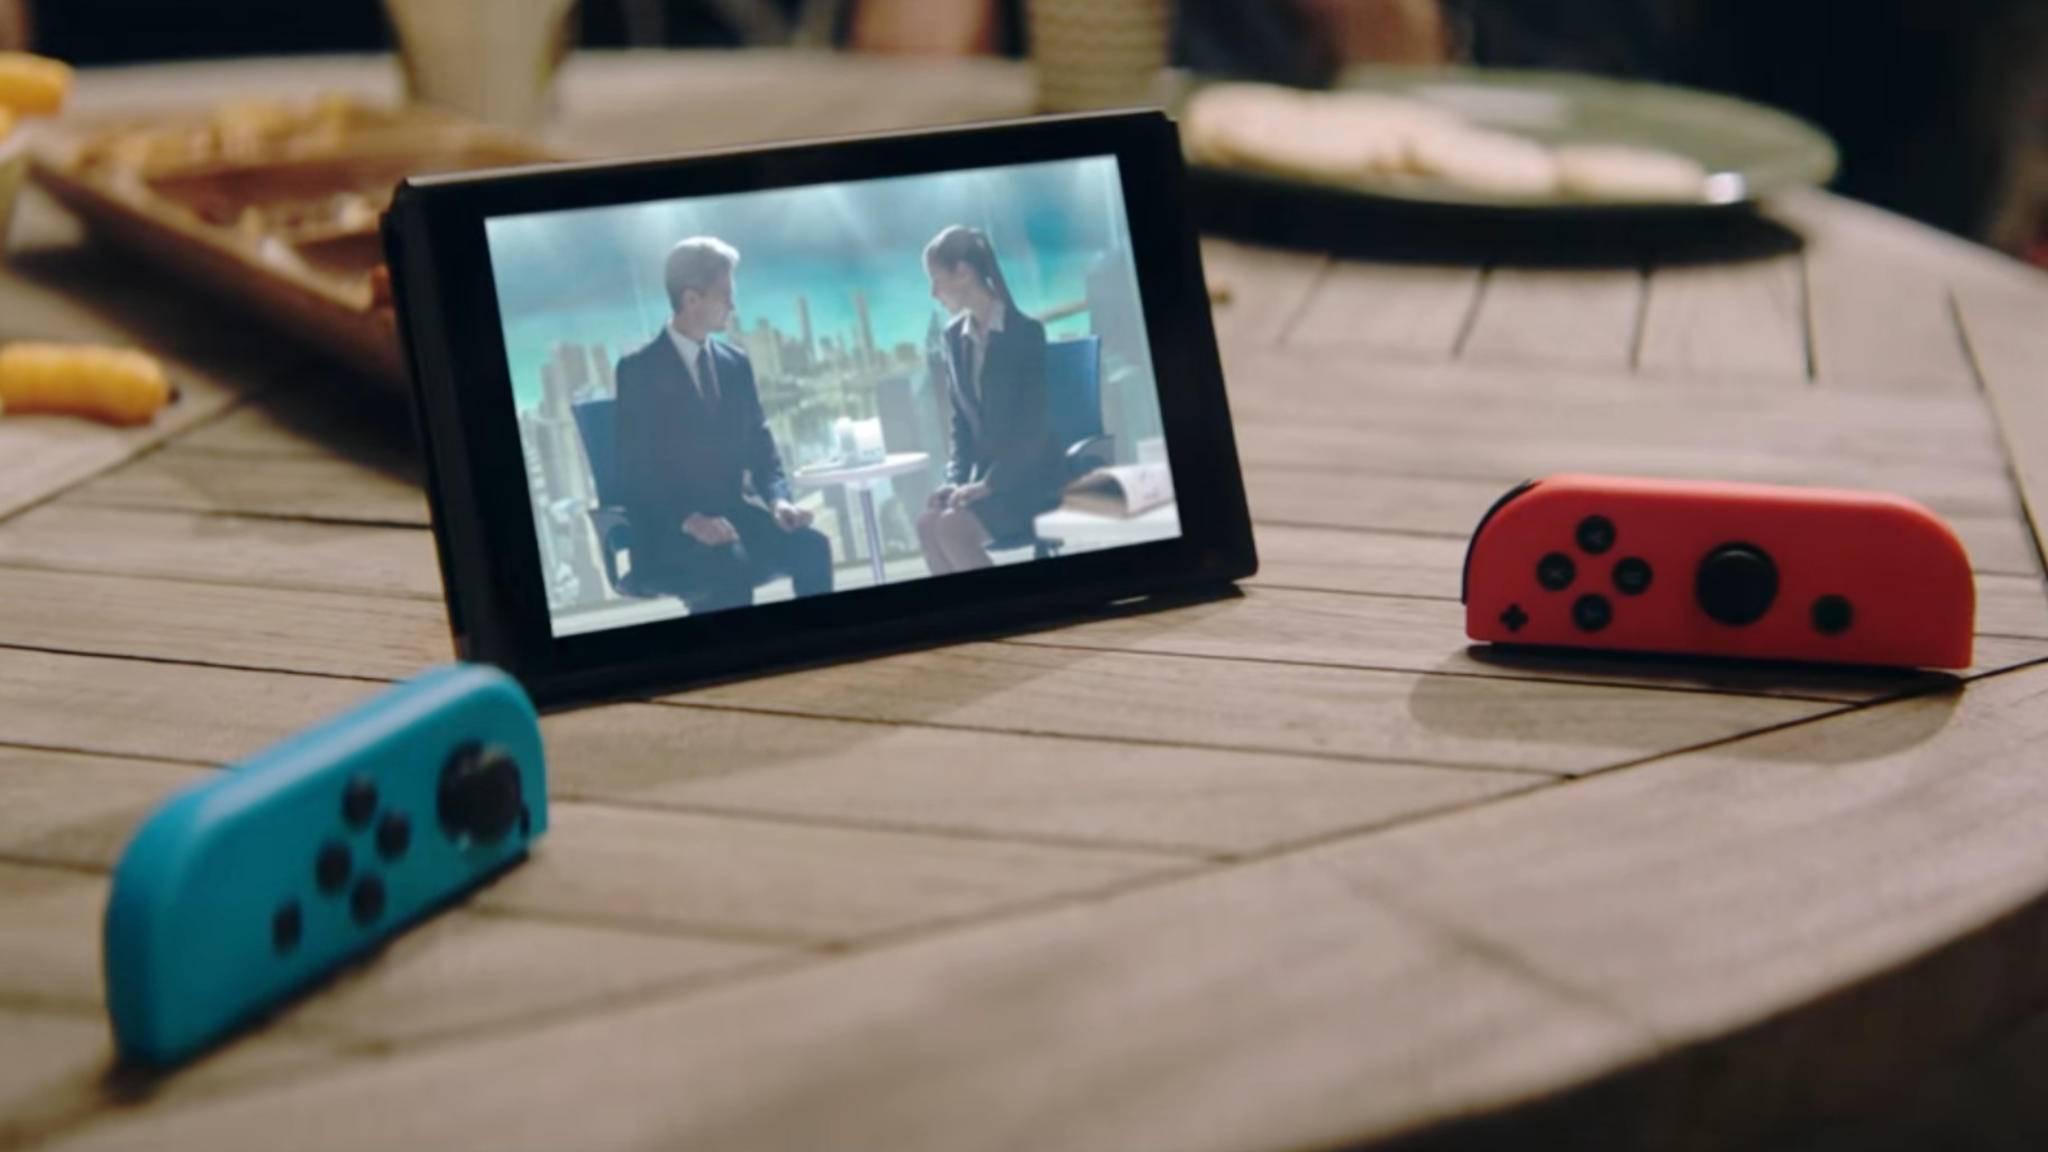 Filme und Serien unterwegs auf der Nintendo Switch gucken – das geht jetzt schon in Japan und den USA.